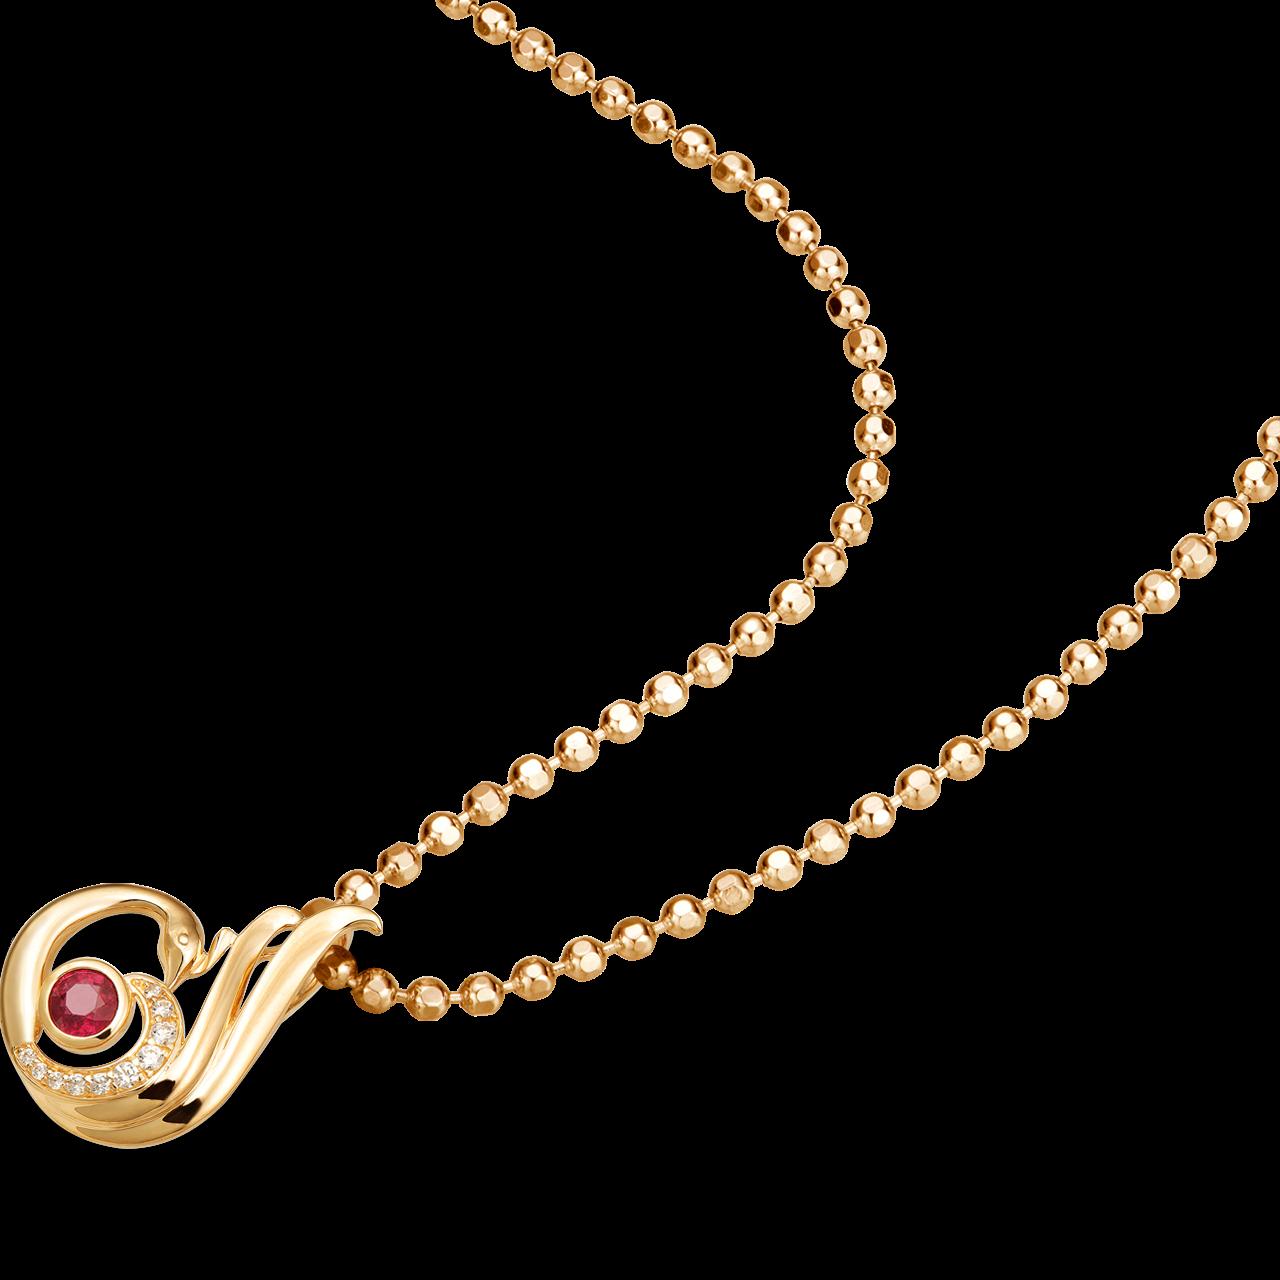 Mặt dây chuyền Vàng 18K đính đá Ruby PNJ Phượng Hoàng RBXMY000187